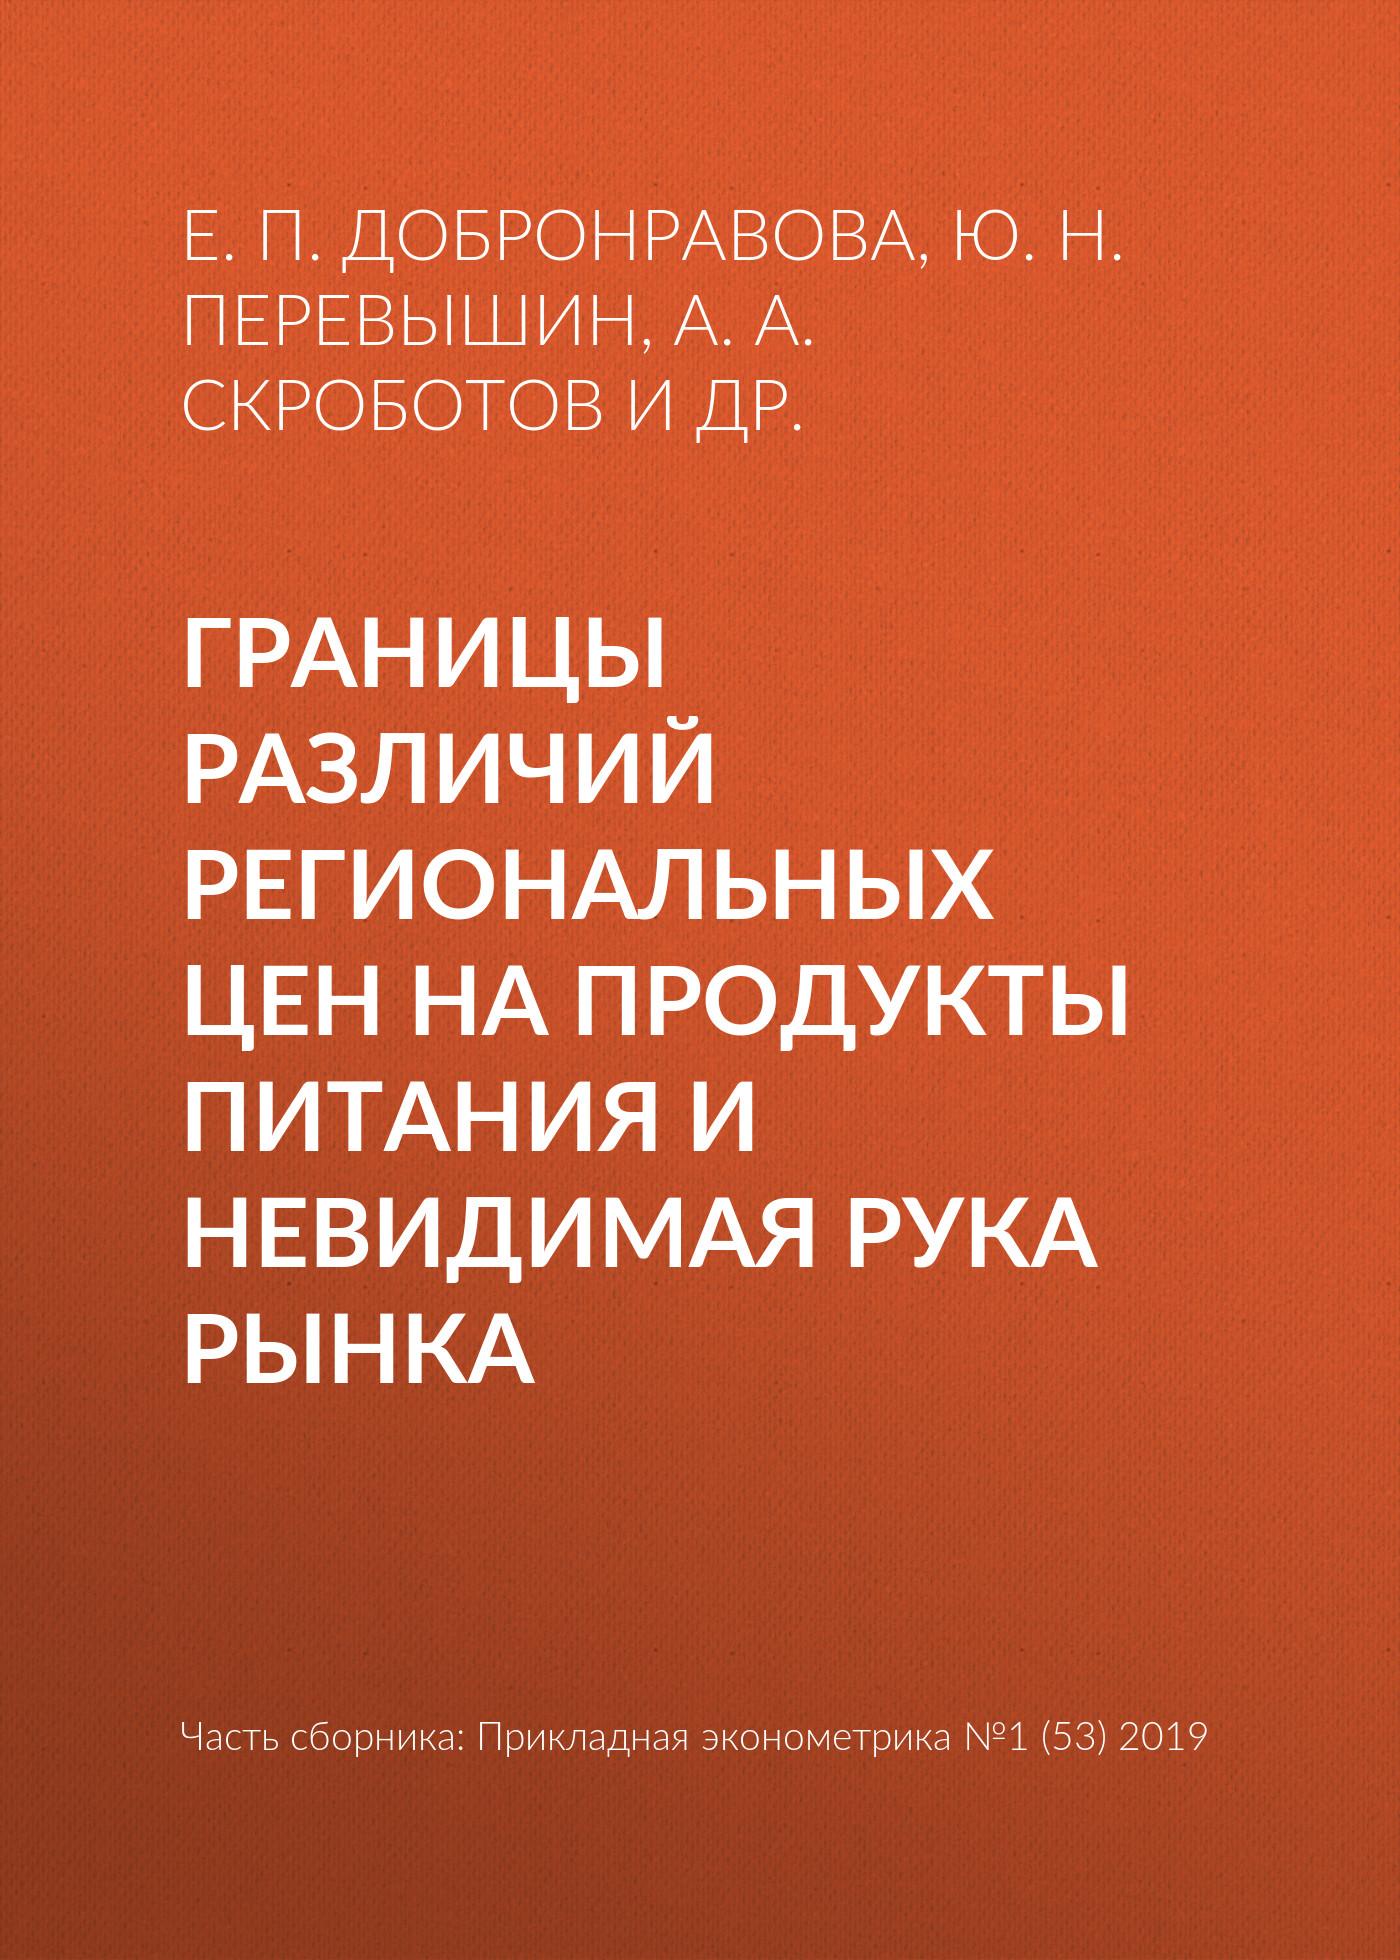 А. А. Скроботов Границы различий региональных цен на продукты питания и невидимая рука рынка цена в Москве и Питере